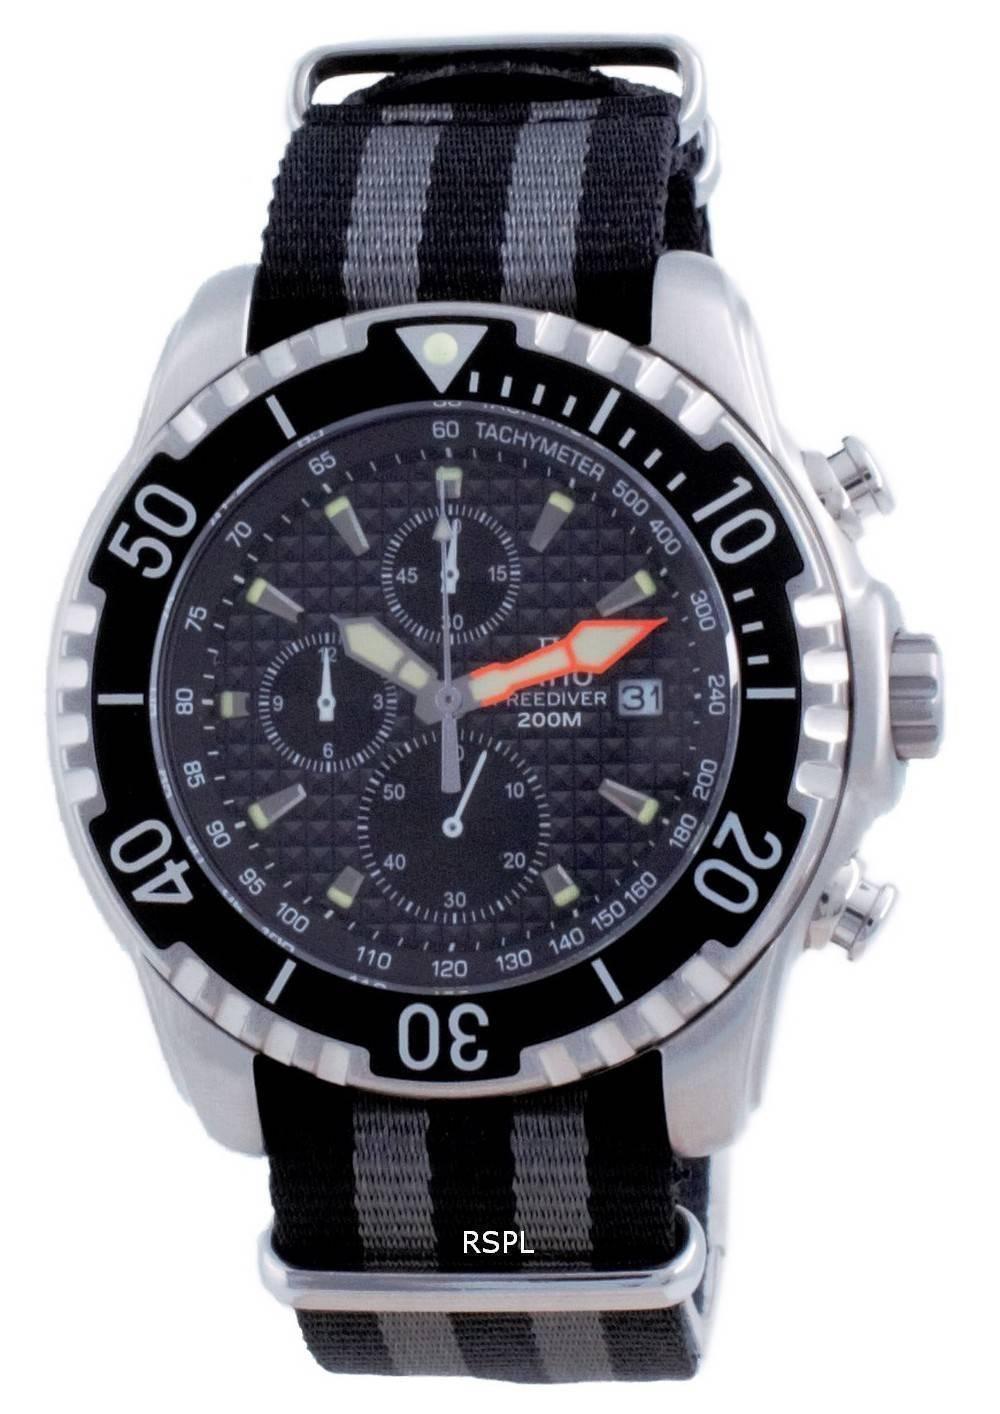 Suhde vapaa sukeltaja Chronograph Nylon Quartz Diver&#39,s 48HA90-17-CHR-BLK-var-NATO1 200M miesten kello